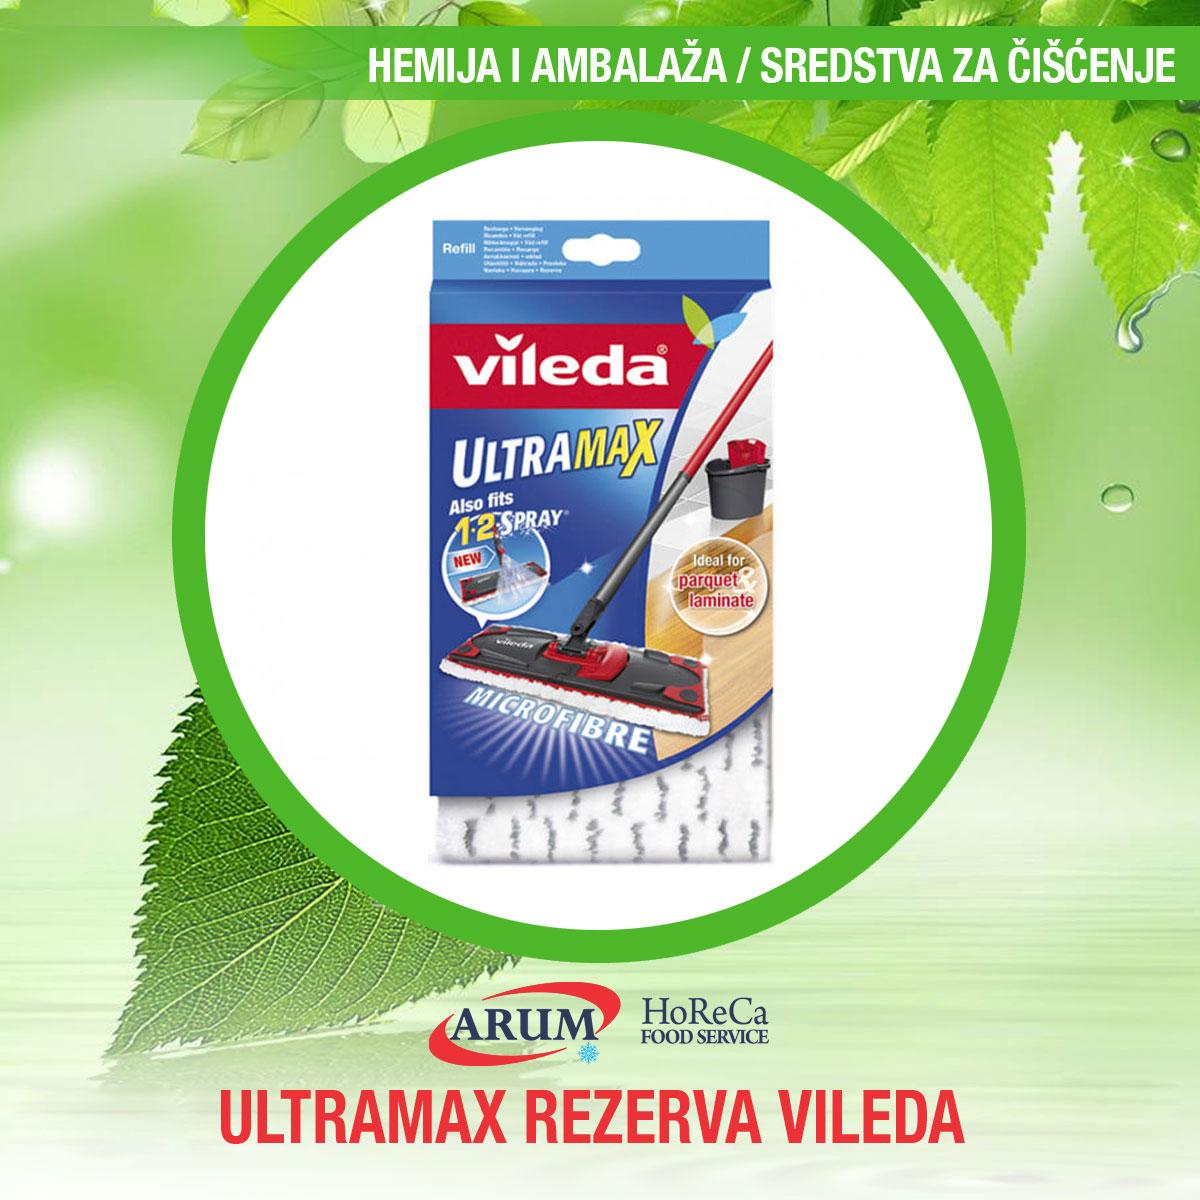 Ultramax rezerva vileda